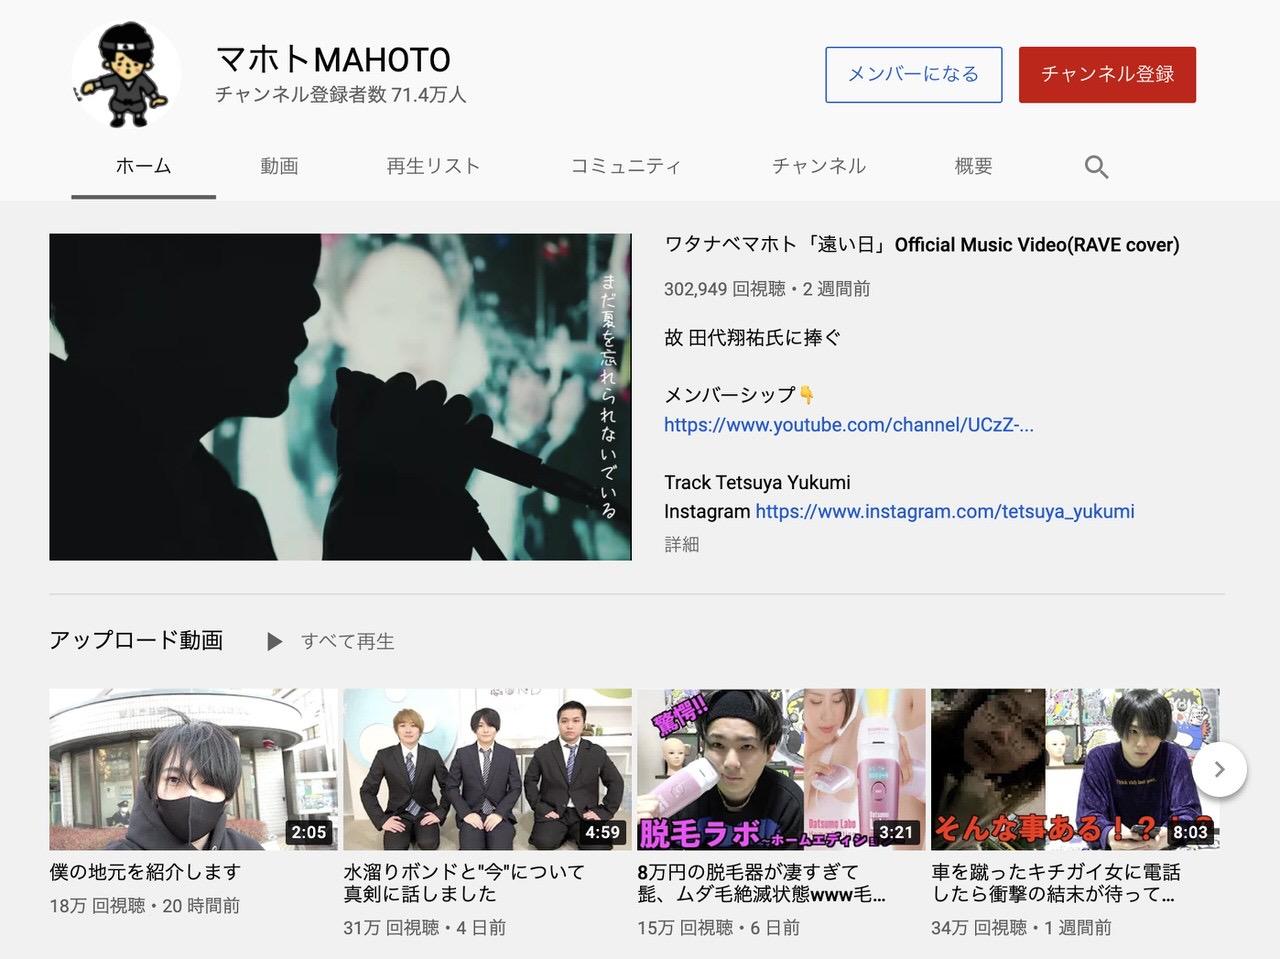 元欅坂46・今泉佑唯、YouTuberのワタナベマホトと結婚 2